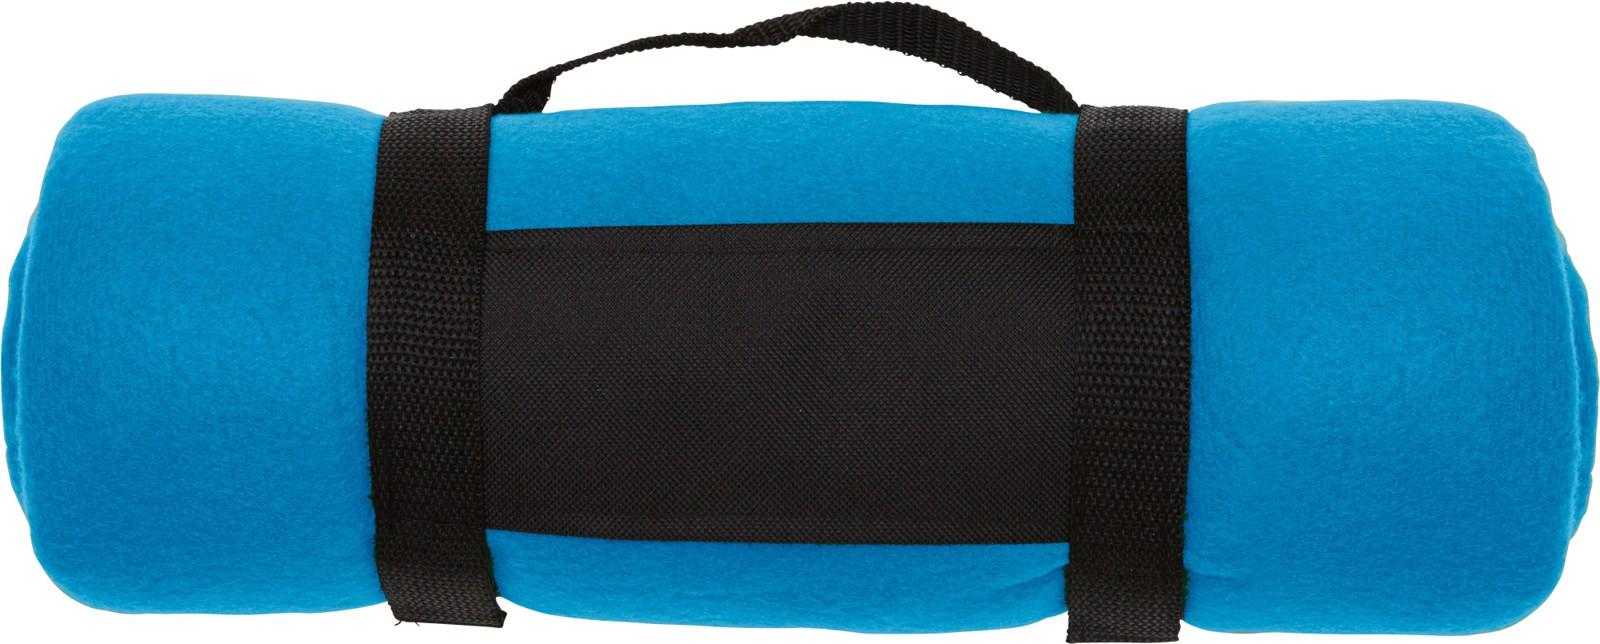 Polar fleece (170-180 gr/m²) blanket - Light Blue